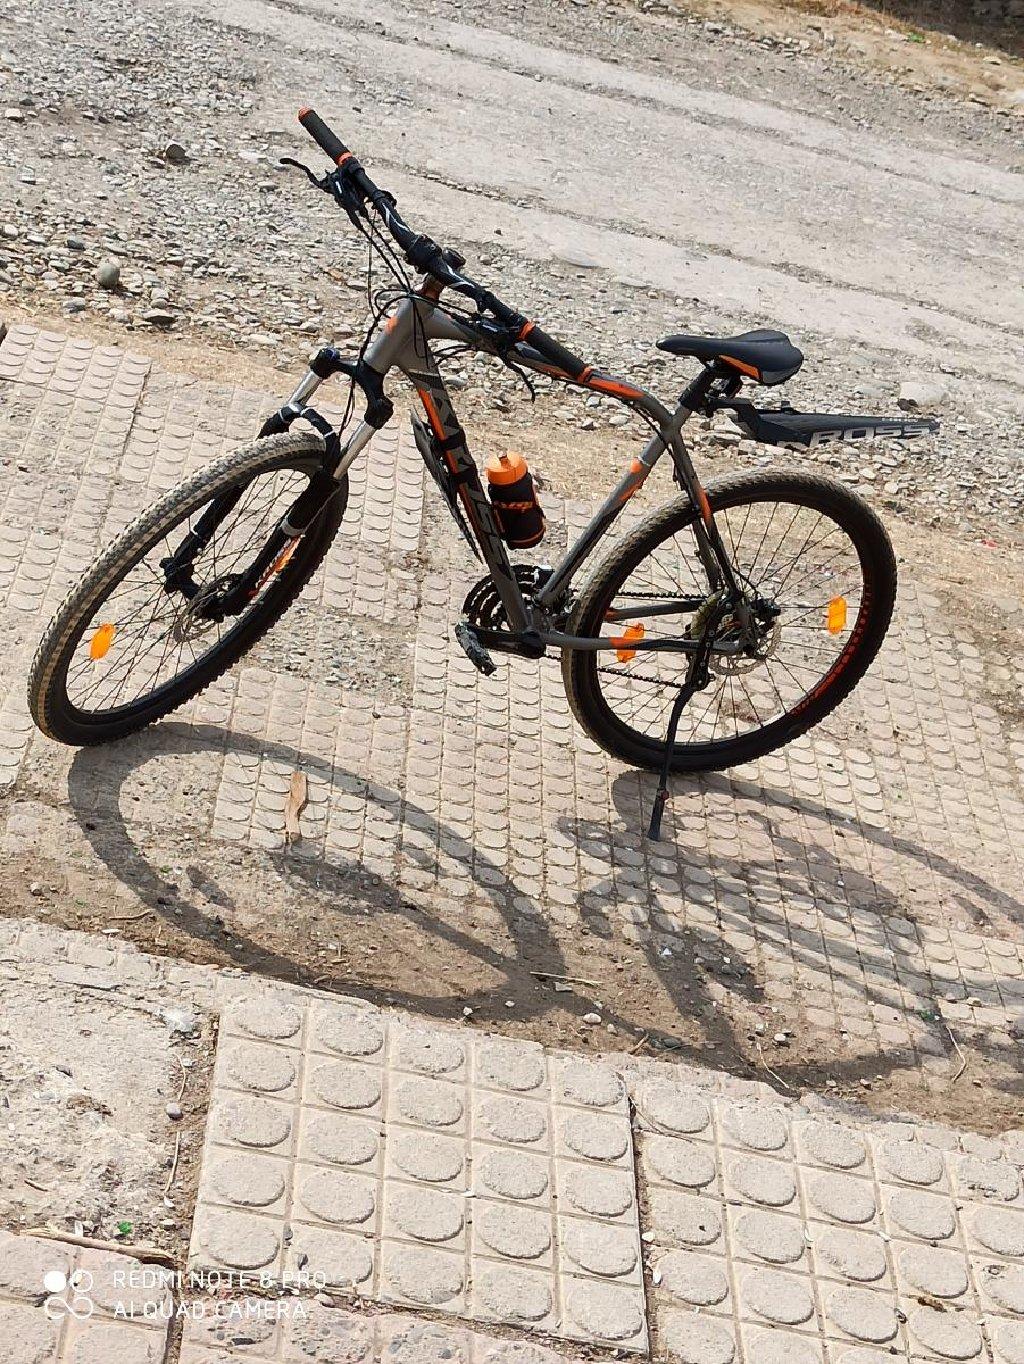 Super velosipedi hər bir şeyi iştiyir